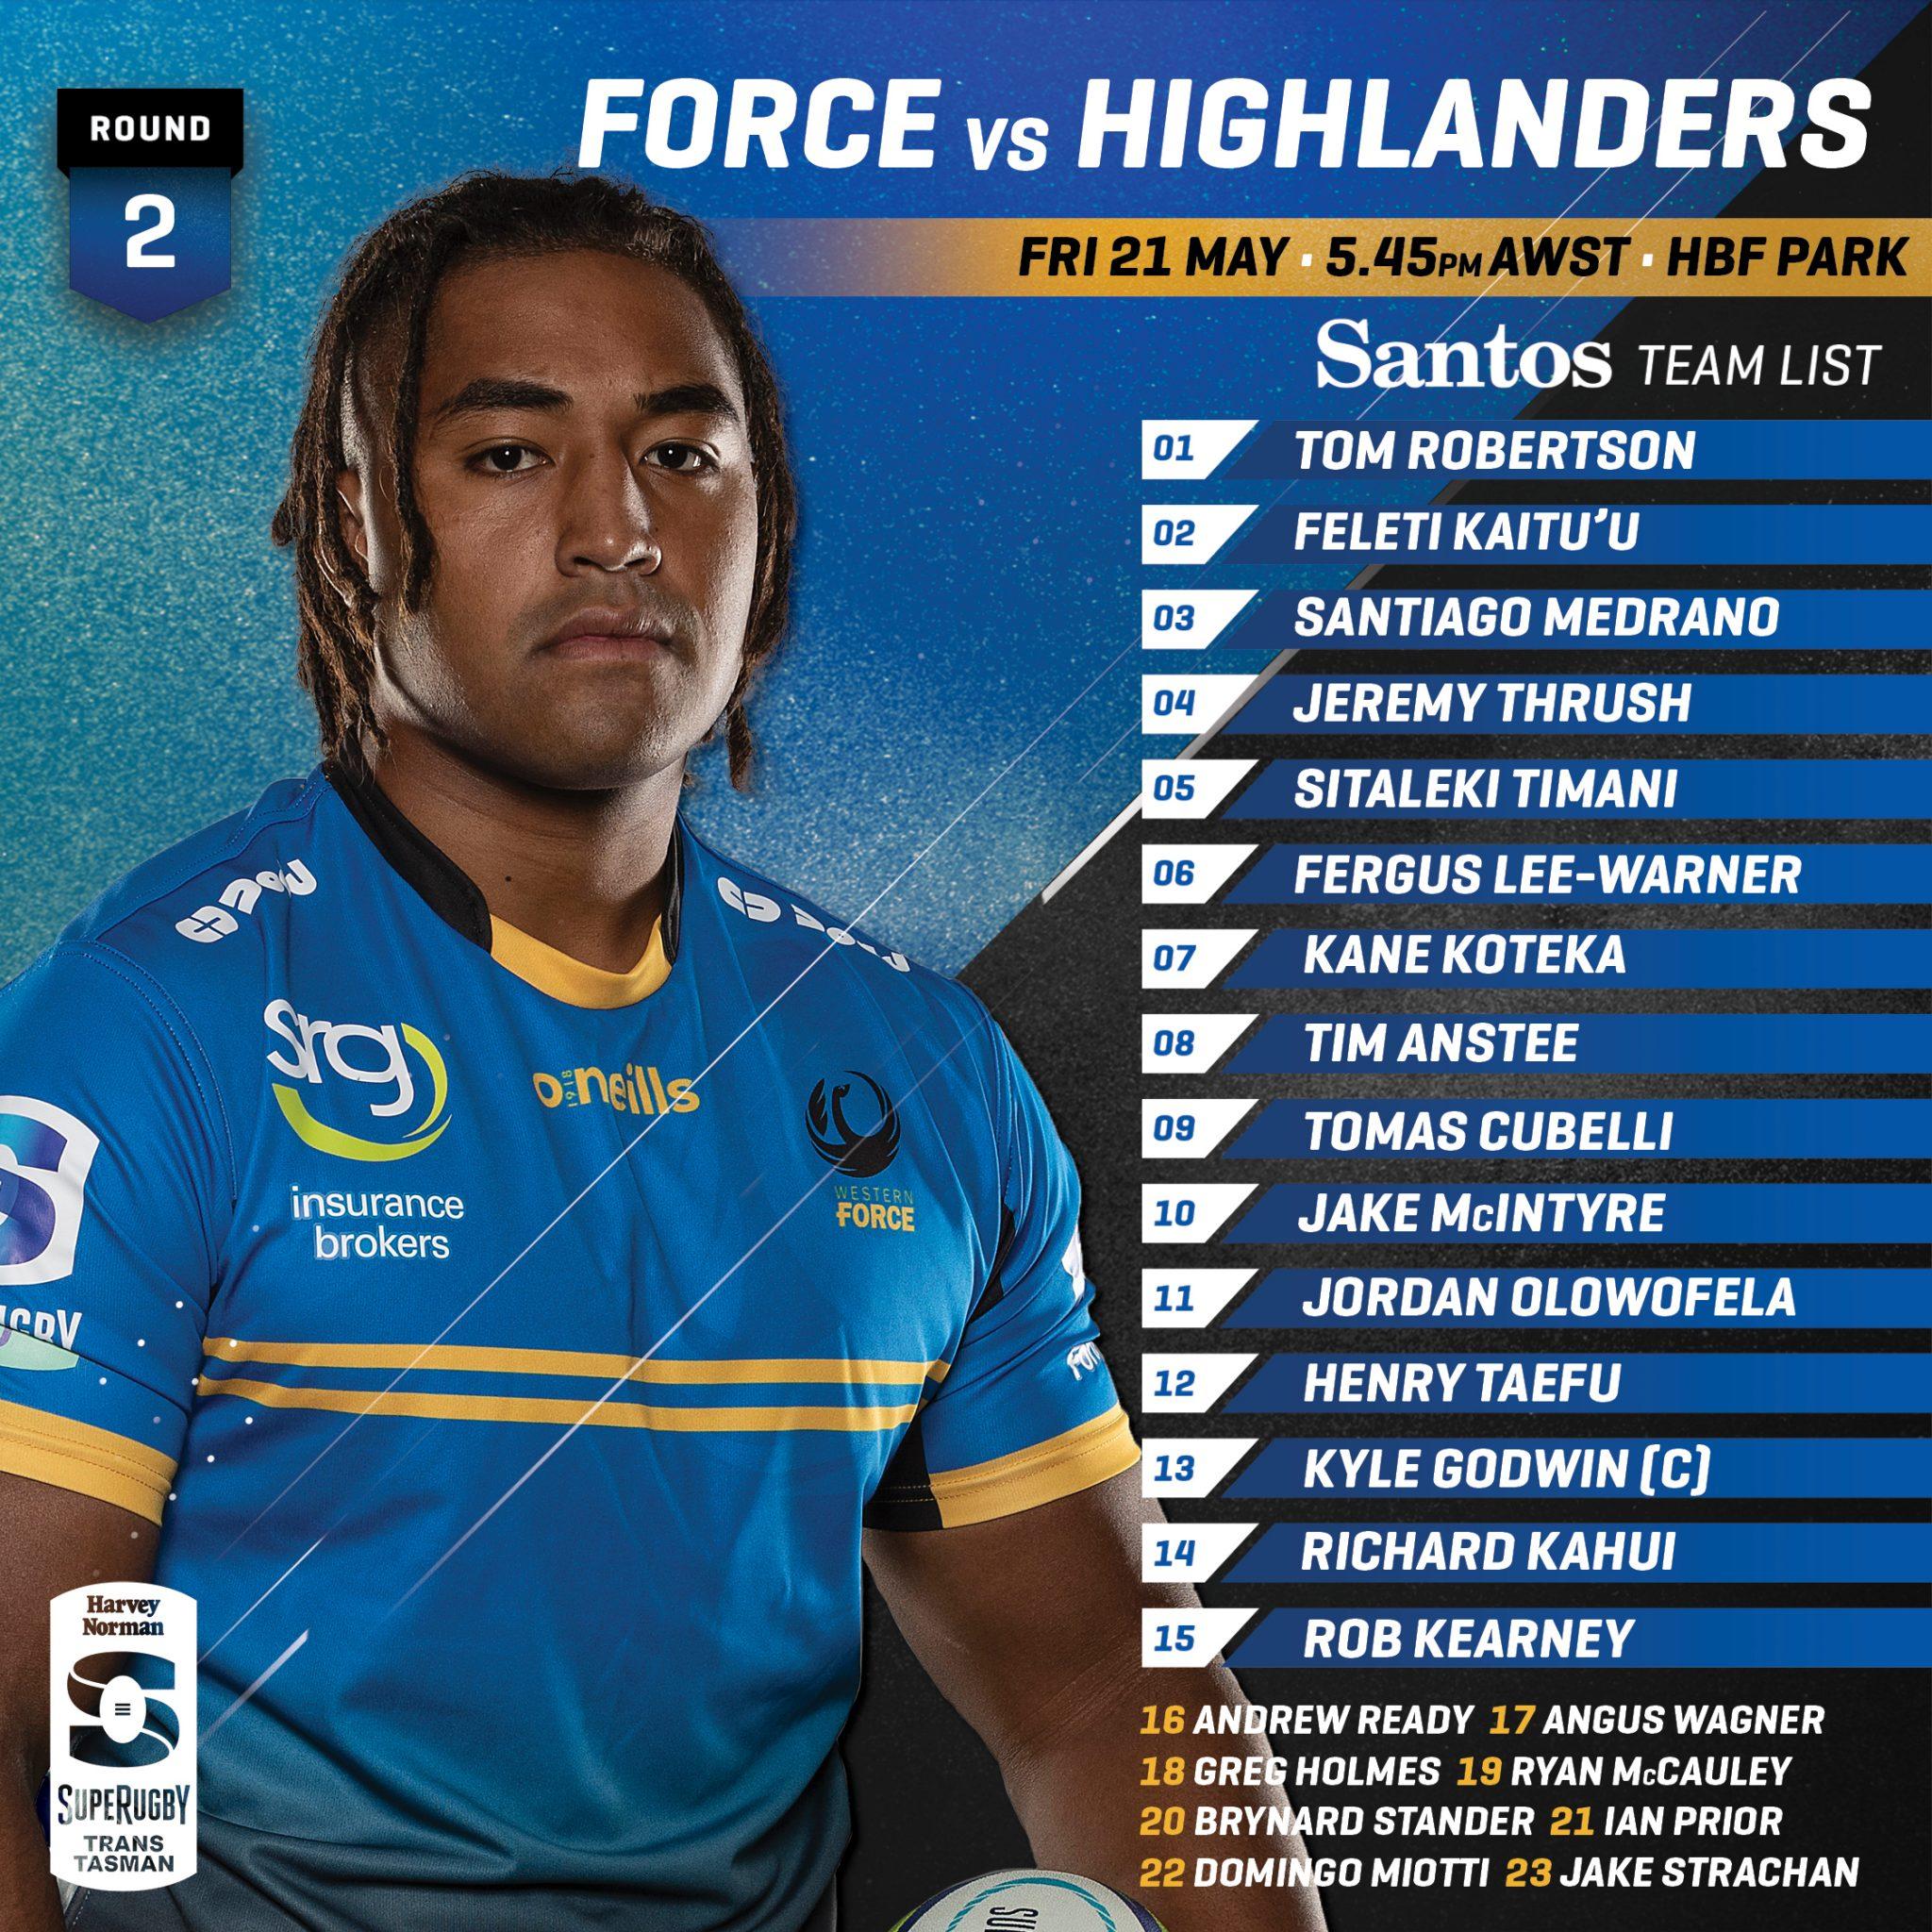 Force v Highlanders